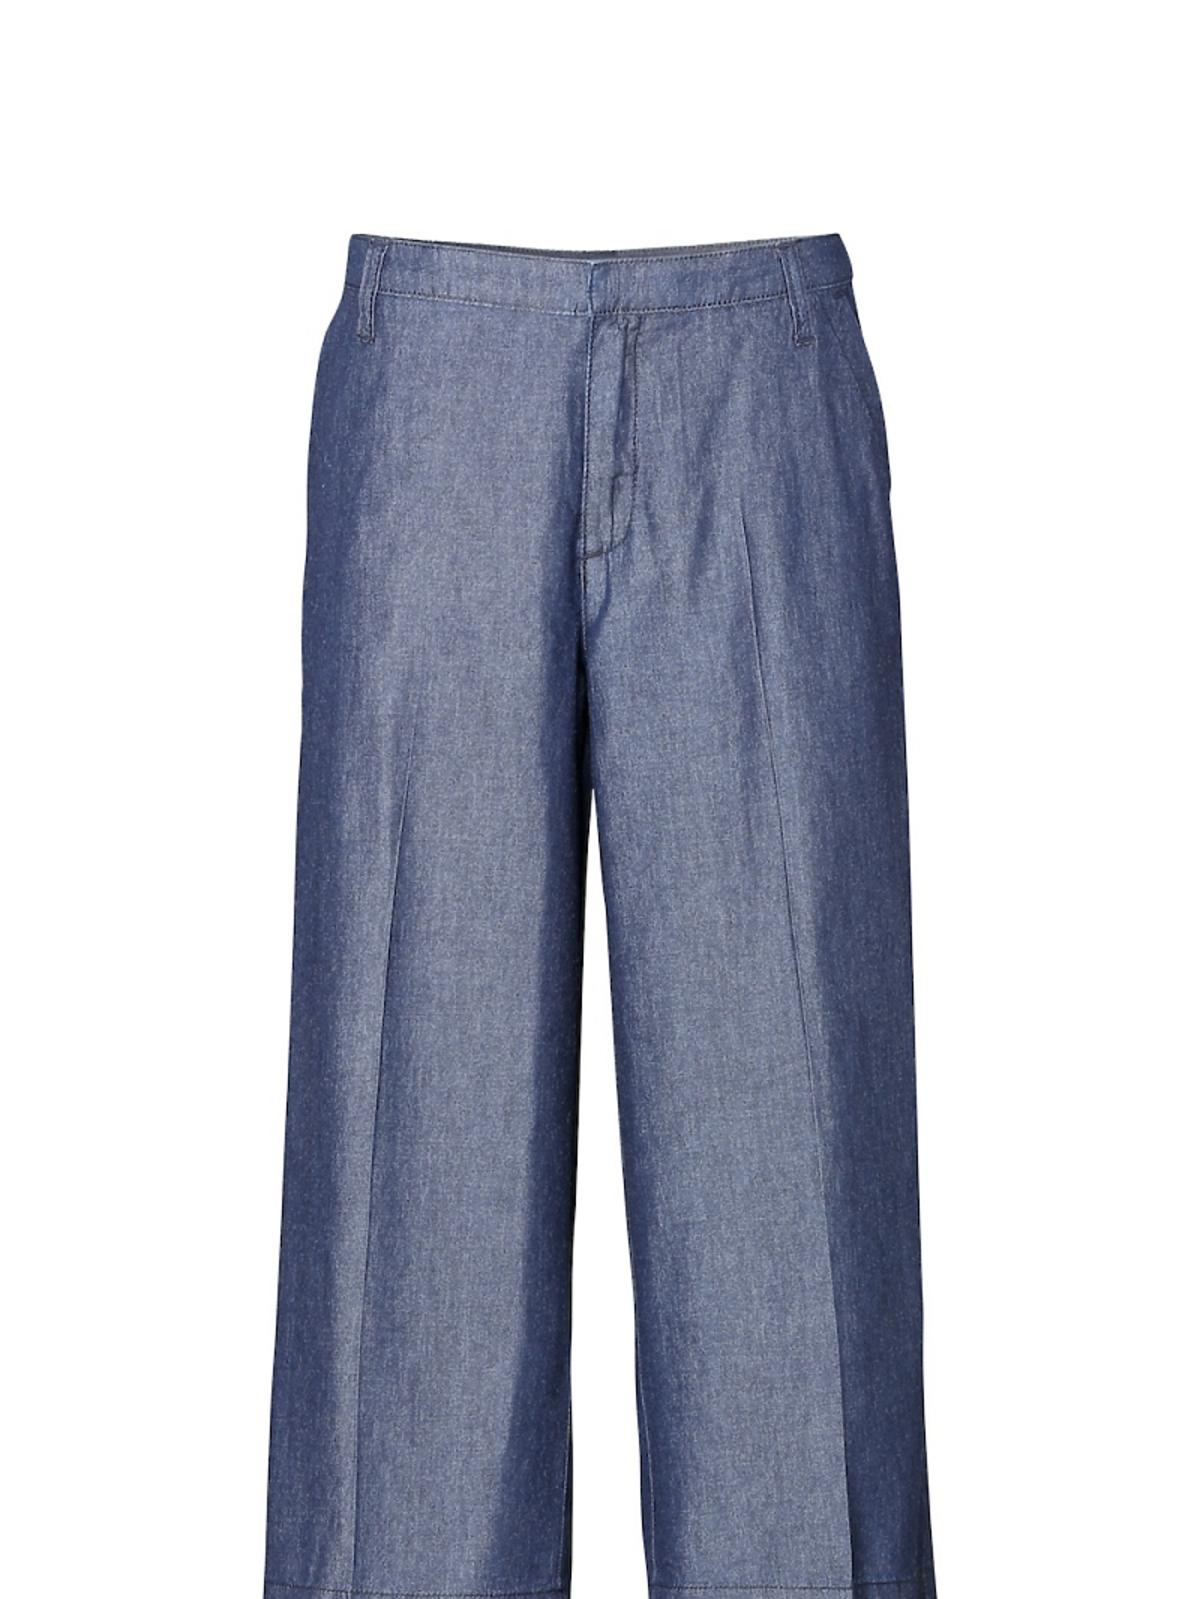 metaliczne spódnicospodnie